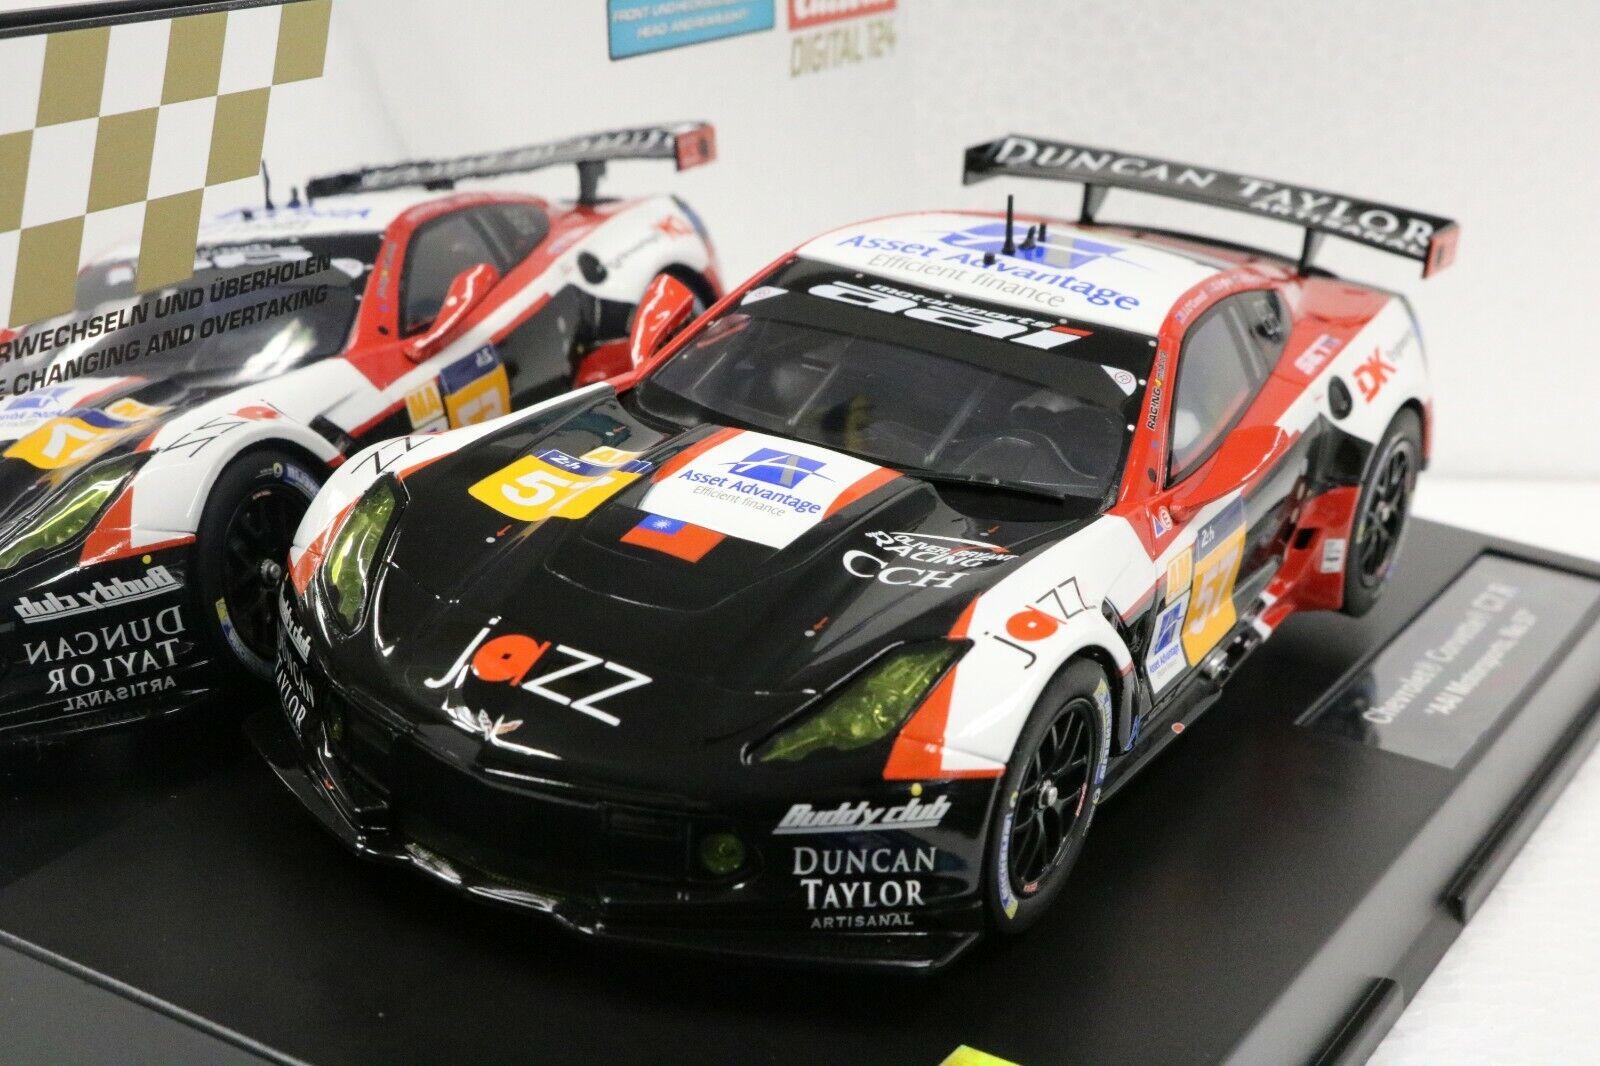 Carrera 23836 Digital 124 Corvette C7.R,  57 AAL Motorsports NOUVEAU 1 24 Slot Car